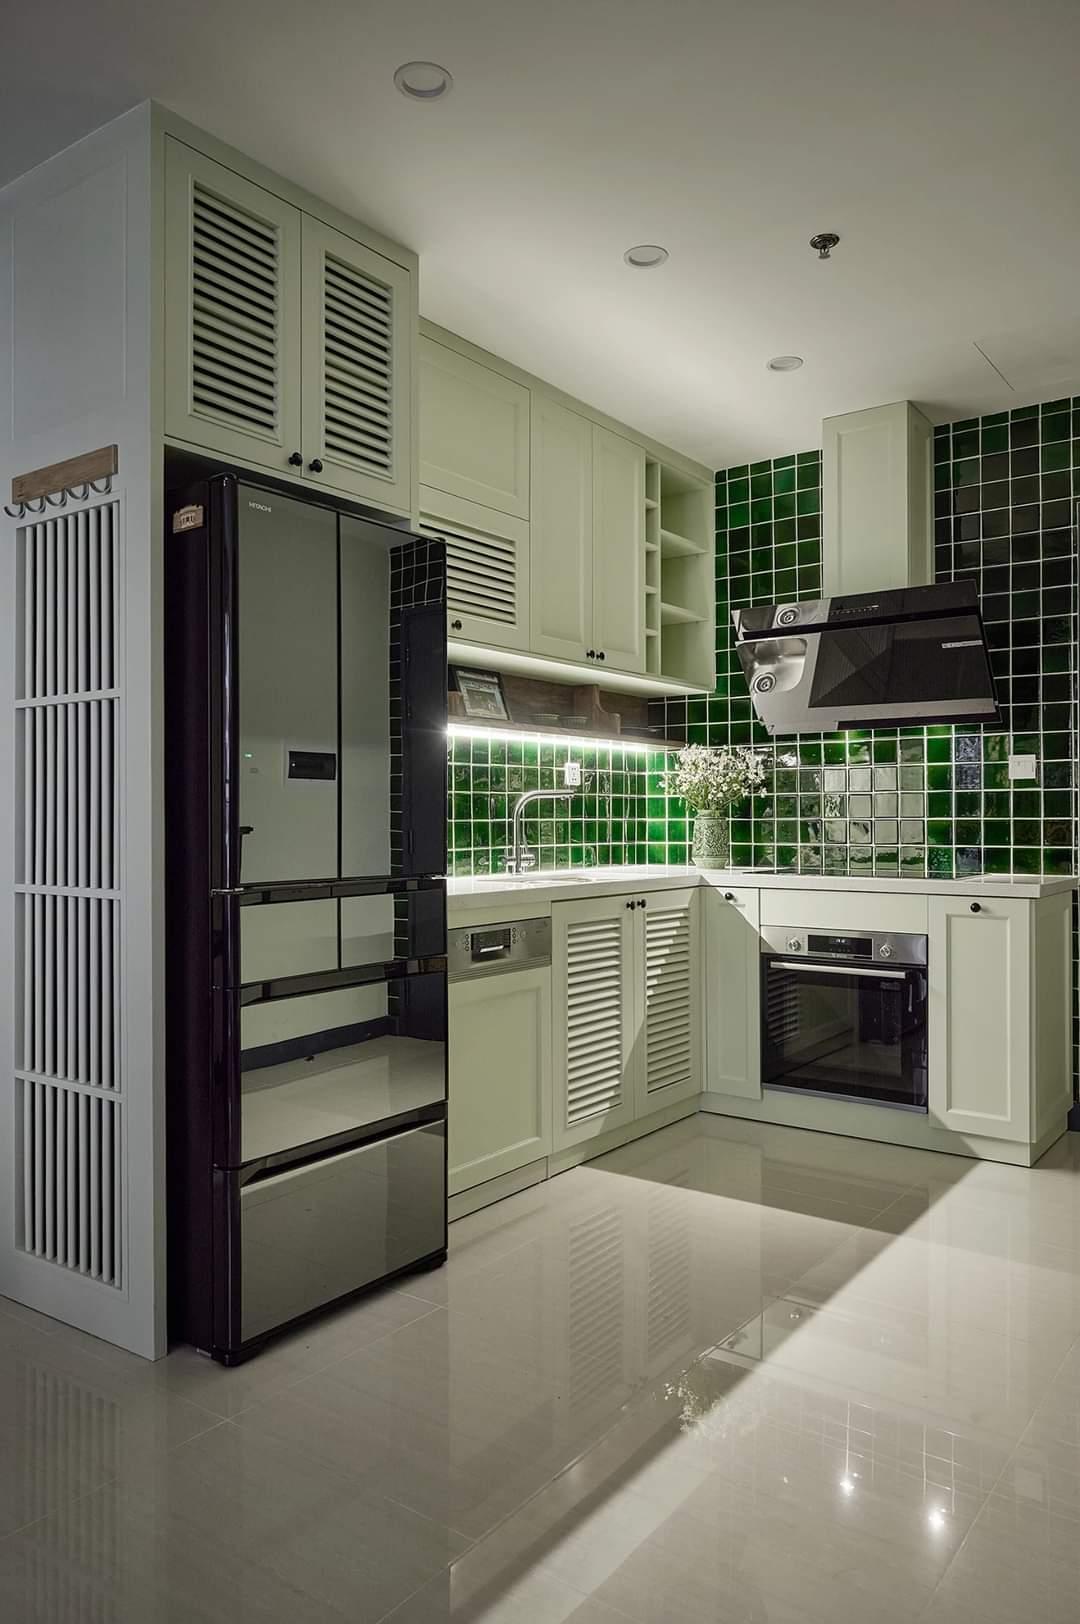 Hinh ảnh thực tế nội thất căn hộ 55m2 Vinhomes Ocean Park theo phong cách Indochine